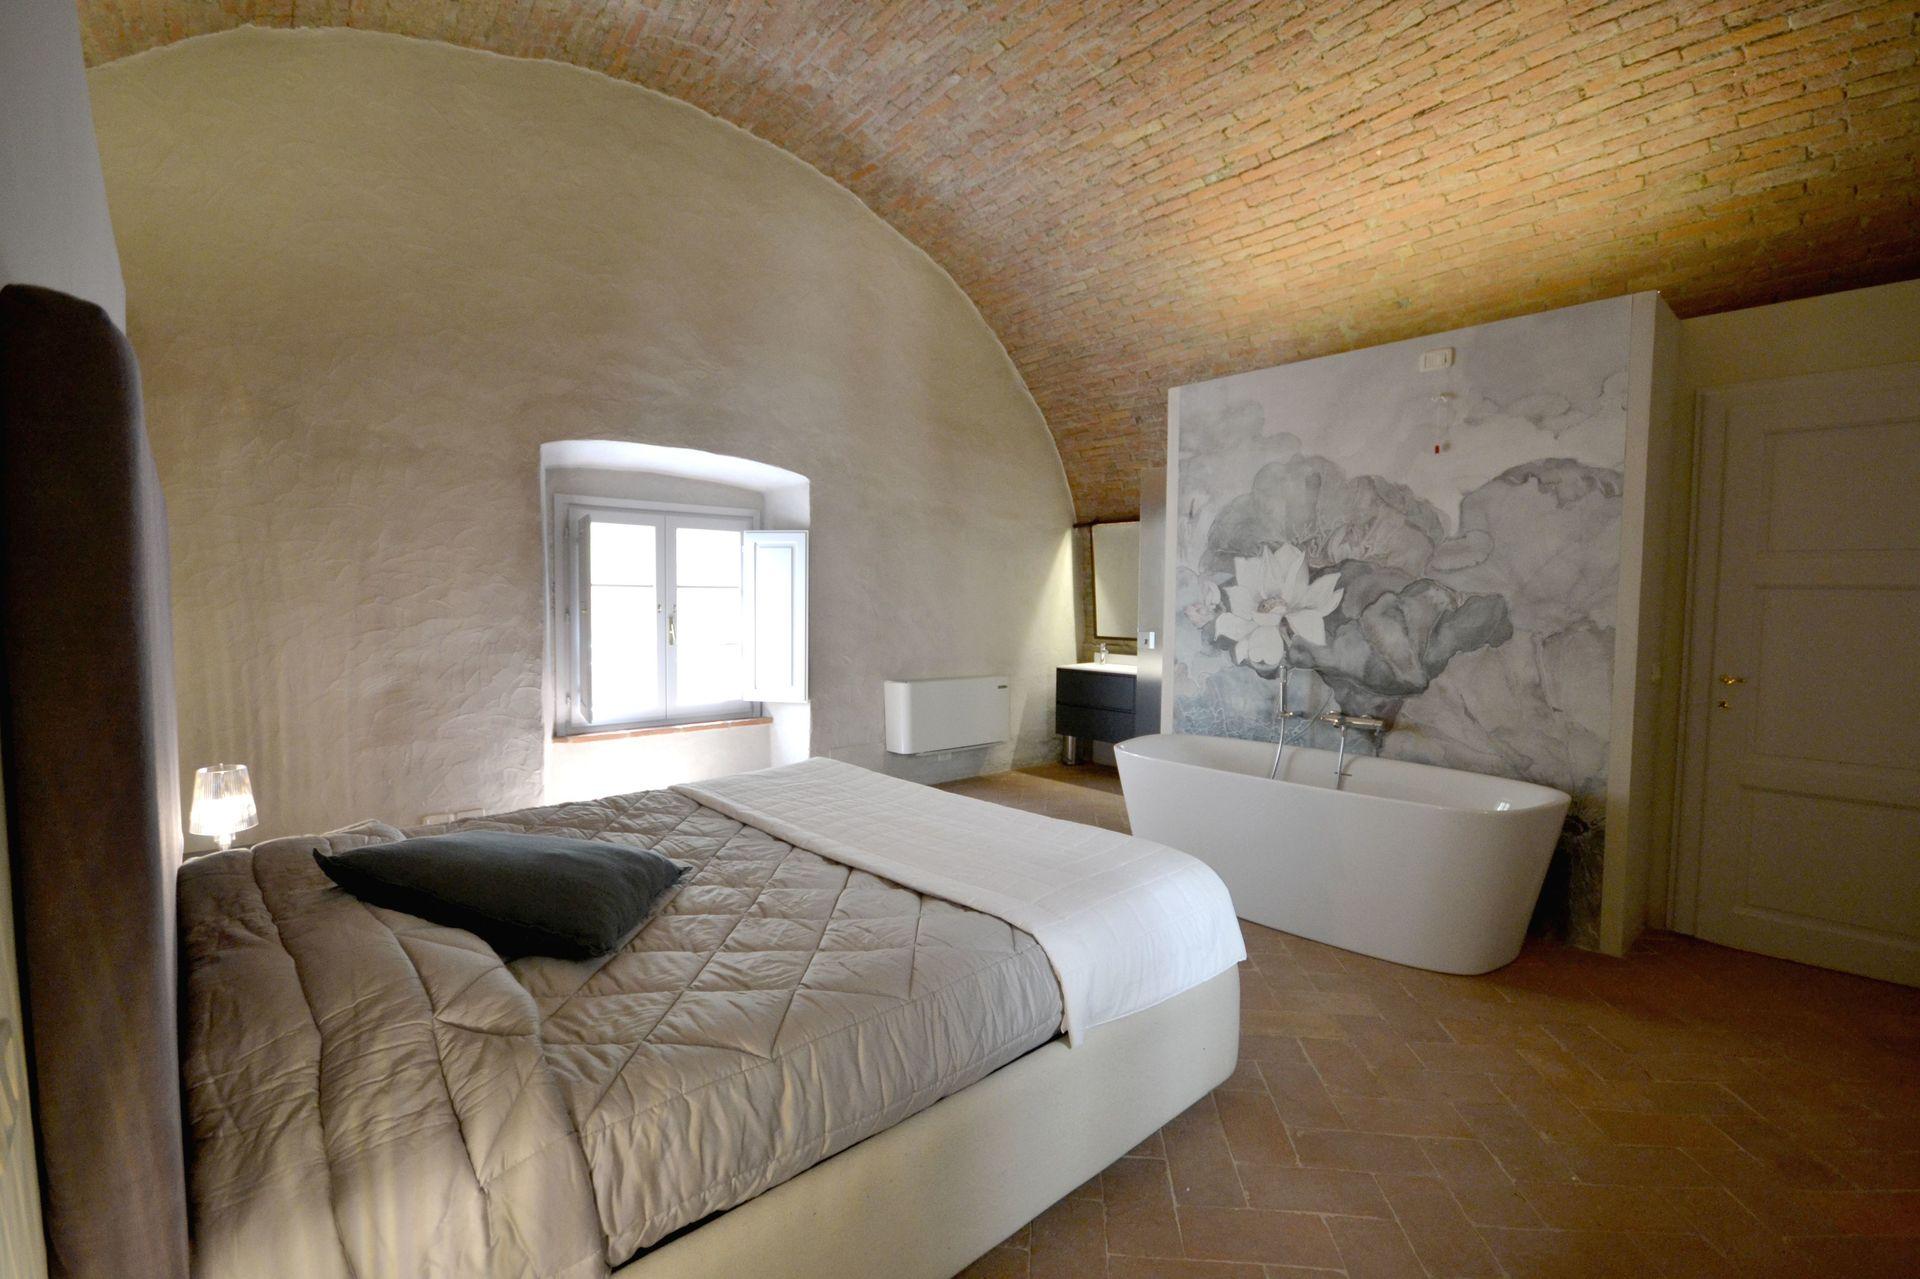 Appartamento La Corte - Casa vacanze con 6 Posti Letto in 3 ...